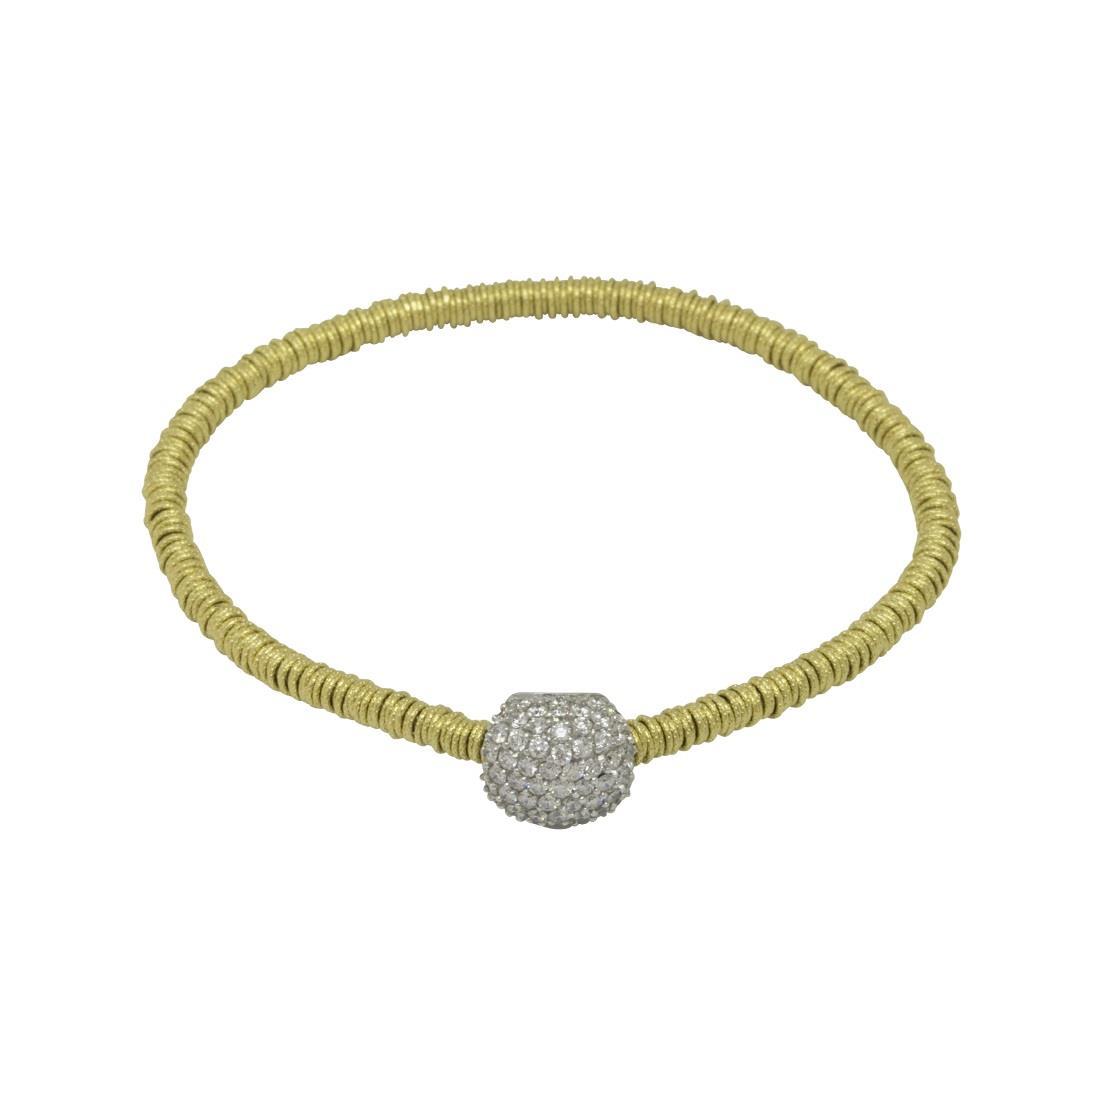 Bracciale in oro giallo con cuscino diamanti bianchi  - ROBERTO DEMEGLIO